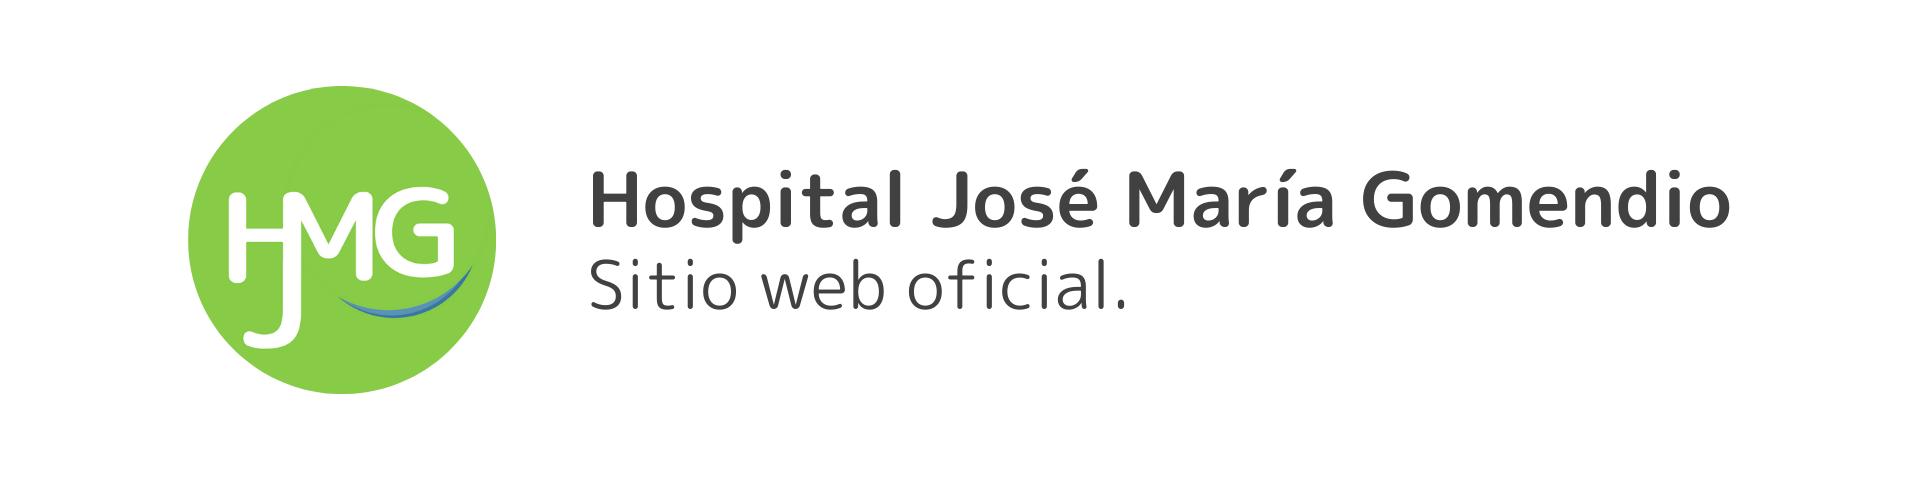 hospital josé maría gomendio